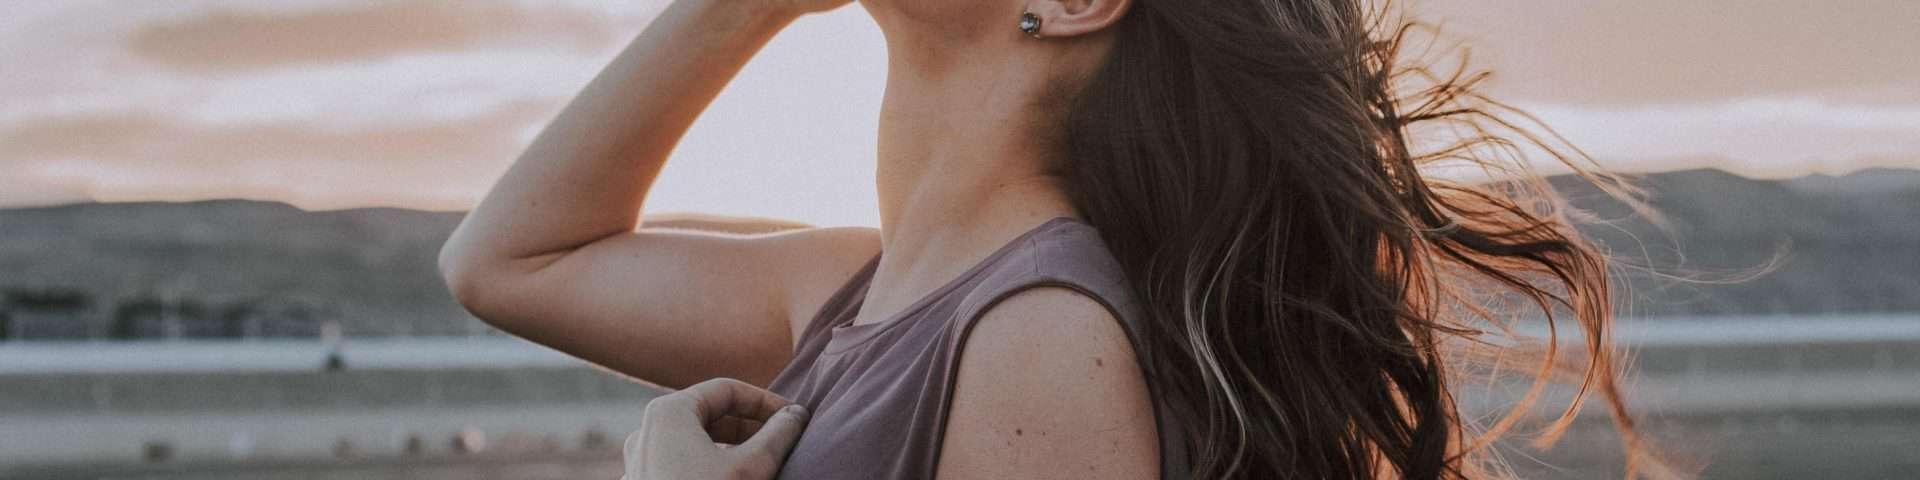 12 Tipps, wie du dich von negativen Gedanken befreien kannst